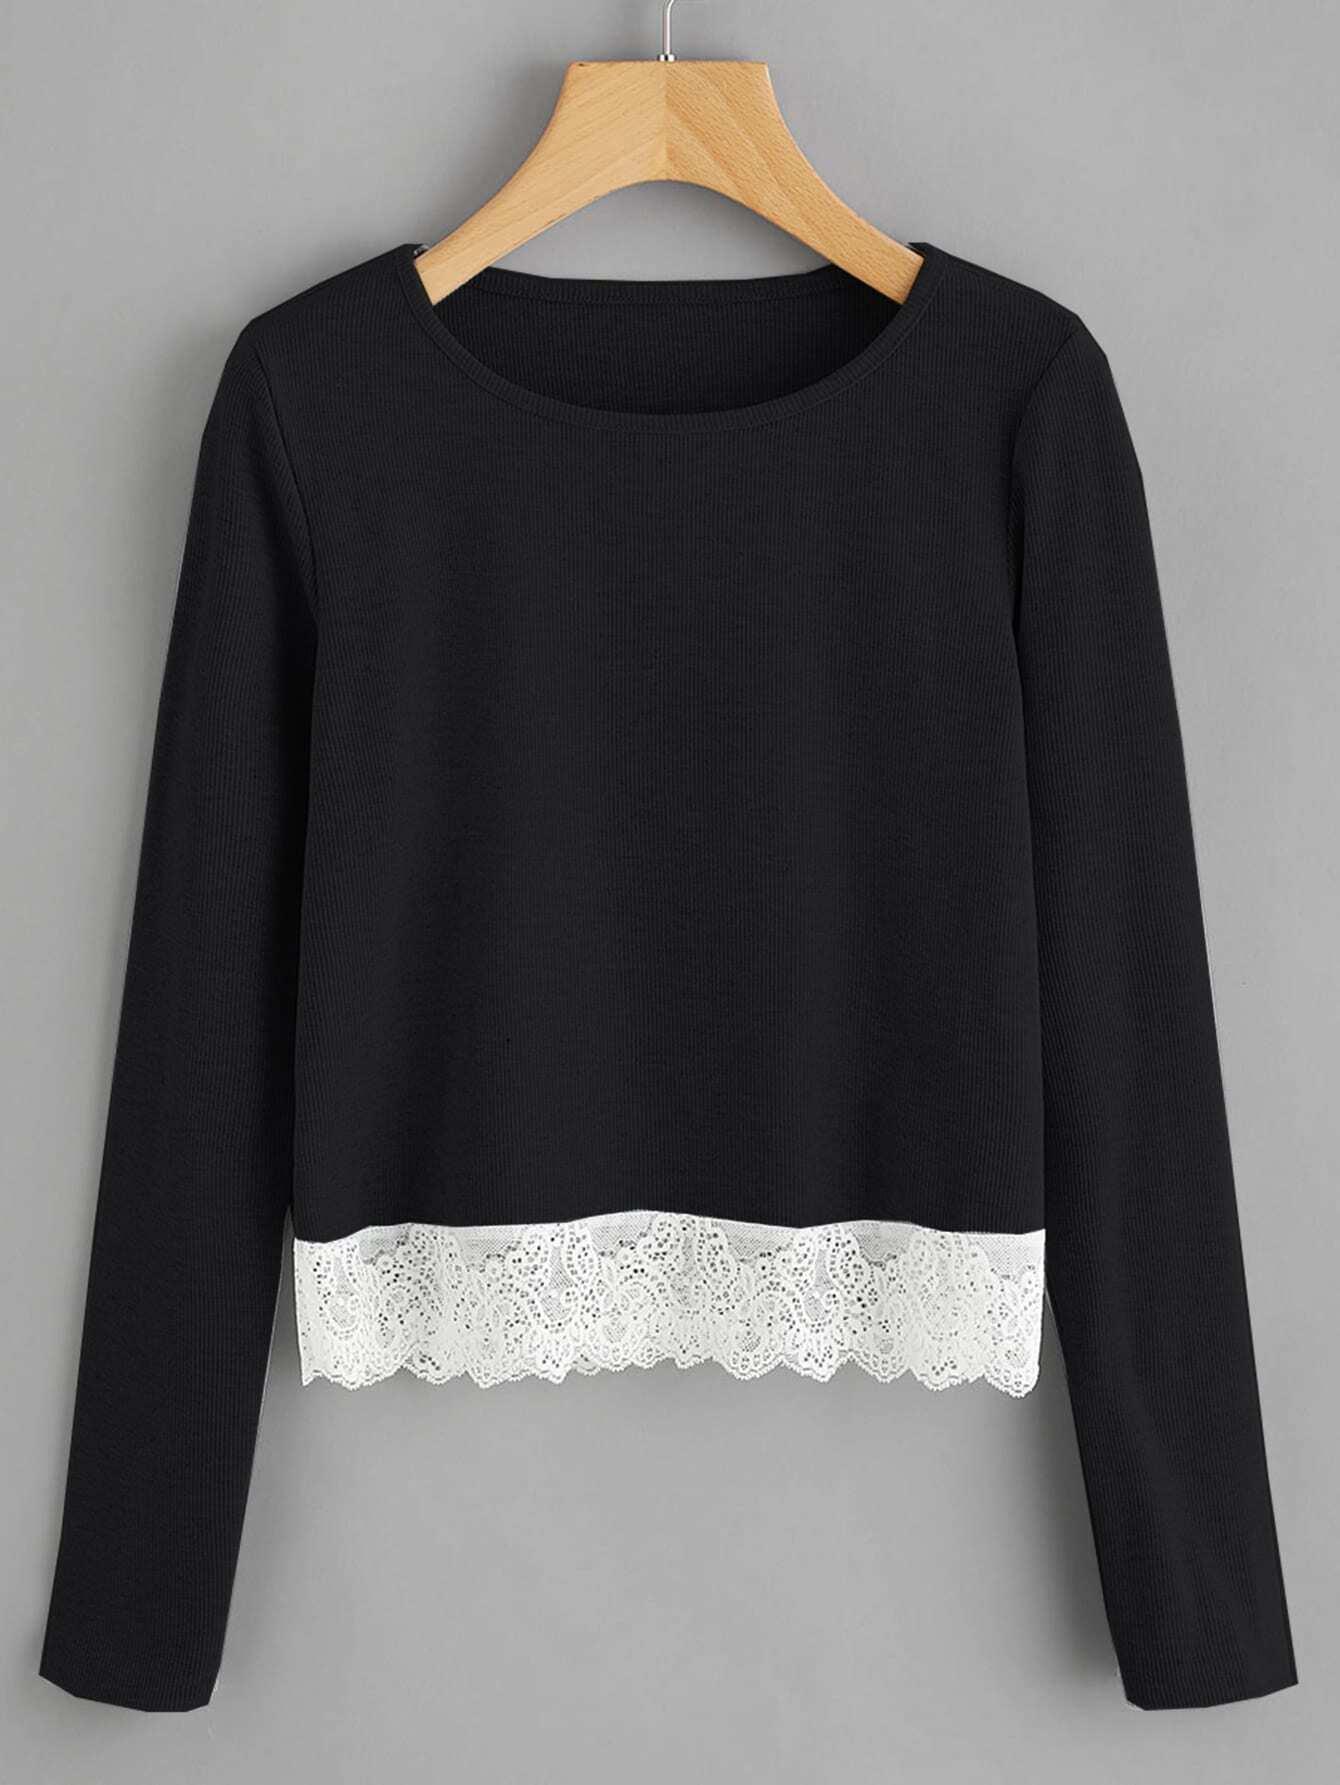 Contrast Lace Hem T-shirt